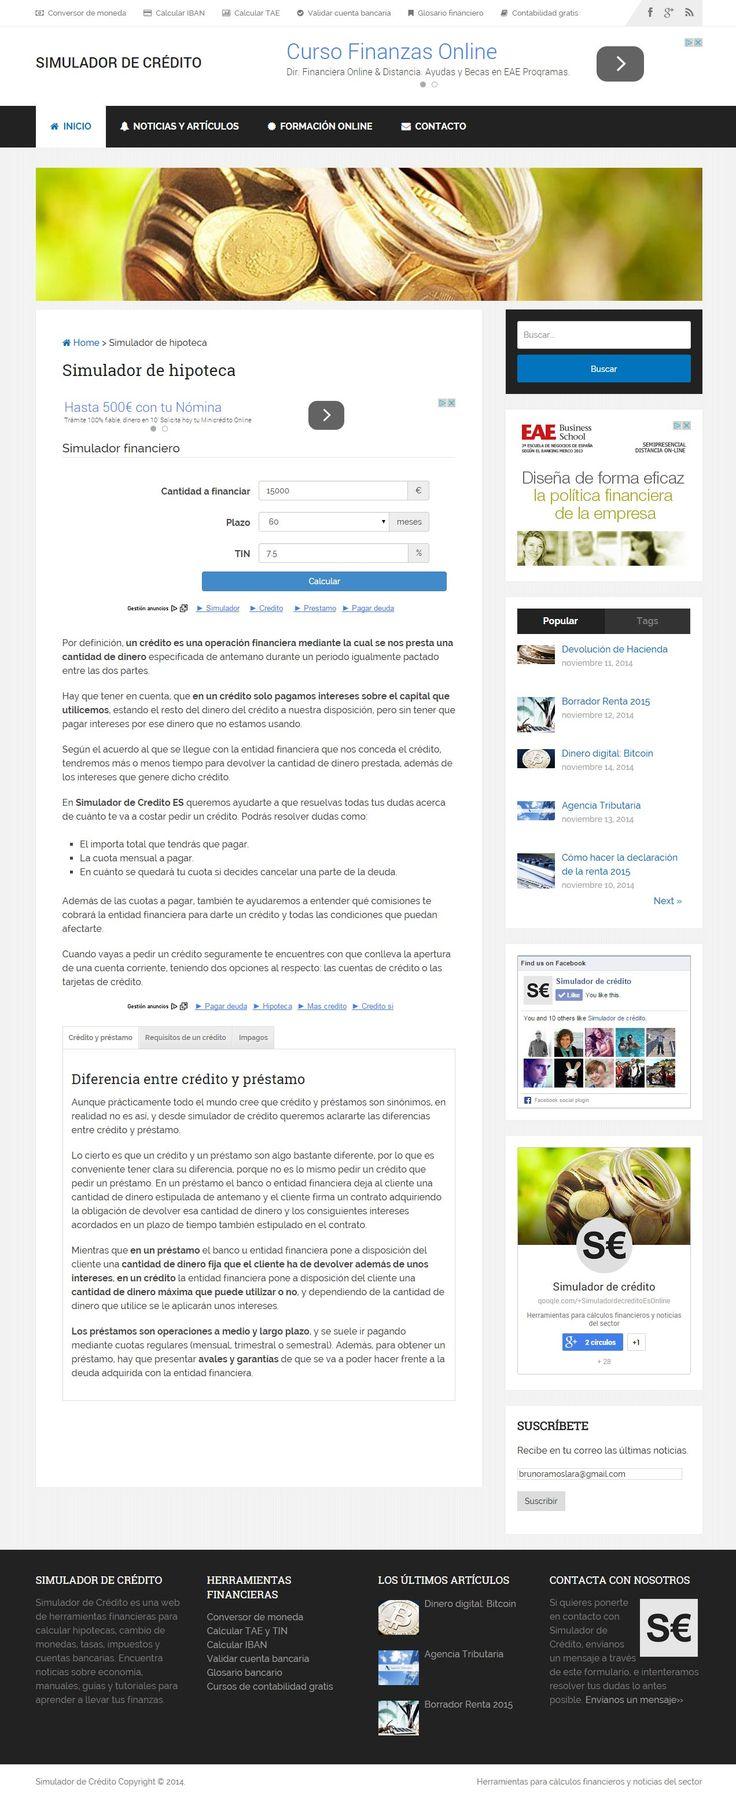 La web Simulador de Crédito ofrece herramientas para calcular los intereses TIN TAE de préstamos o hipotecas, conversor de monedas o validar cuenta IBAN. > http://formaciononline.eu/simulador-de-credito/